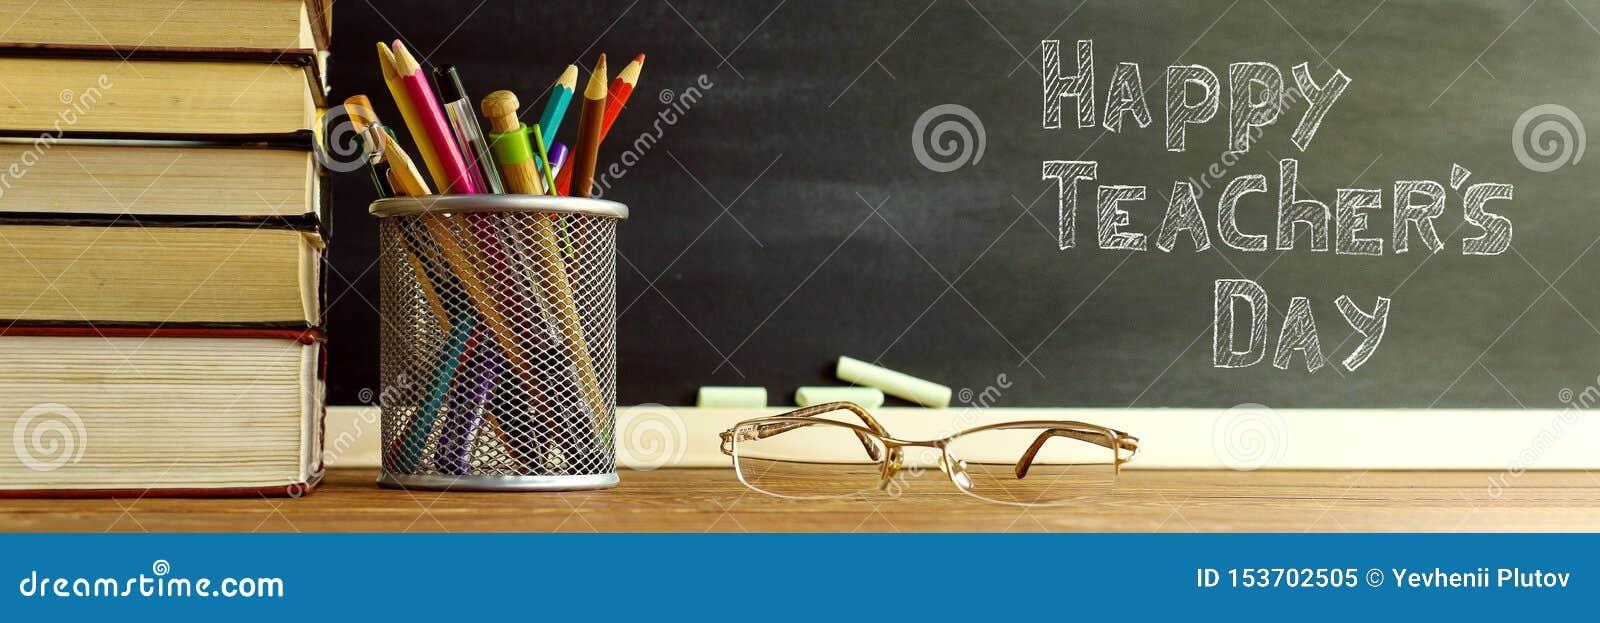 Szk?o nauczyciel rezerwuje i stojak z o??wkami na stole na tle blackboard z kred?, Poj?cie